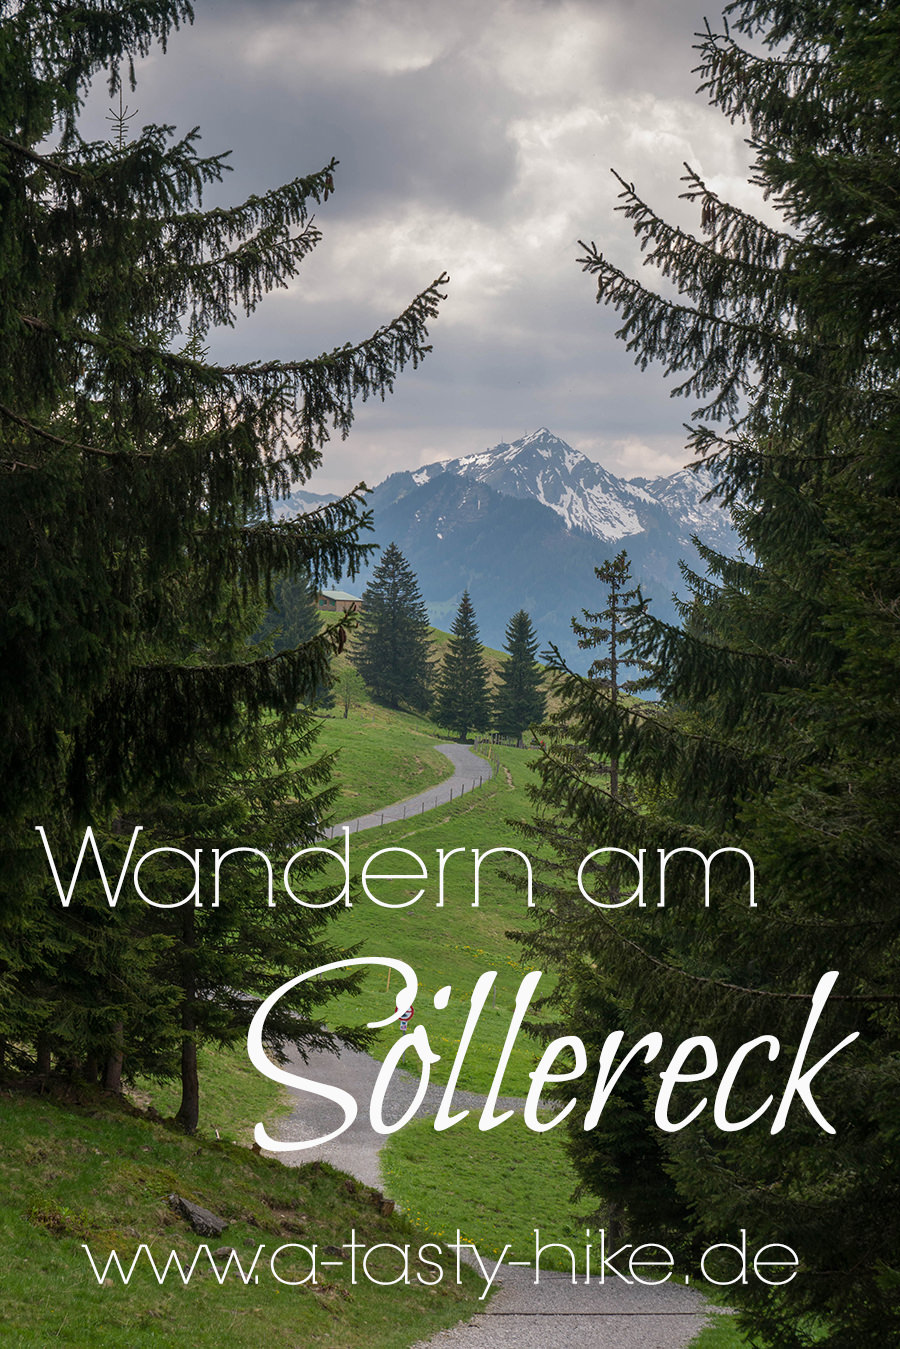 Wanderung Soellereck bei Oberstdorf - Oesterreichische Alpen A Tasty Hike